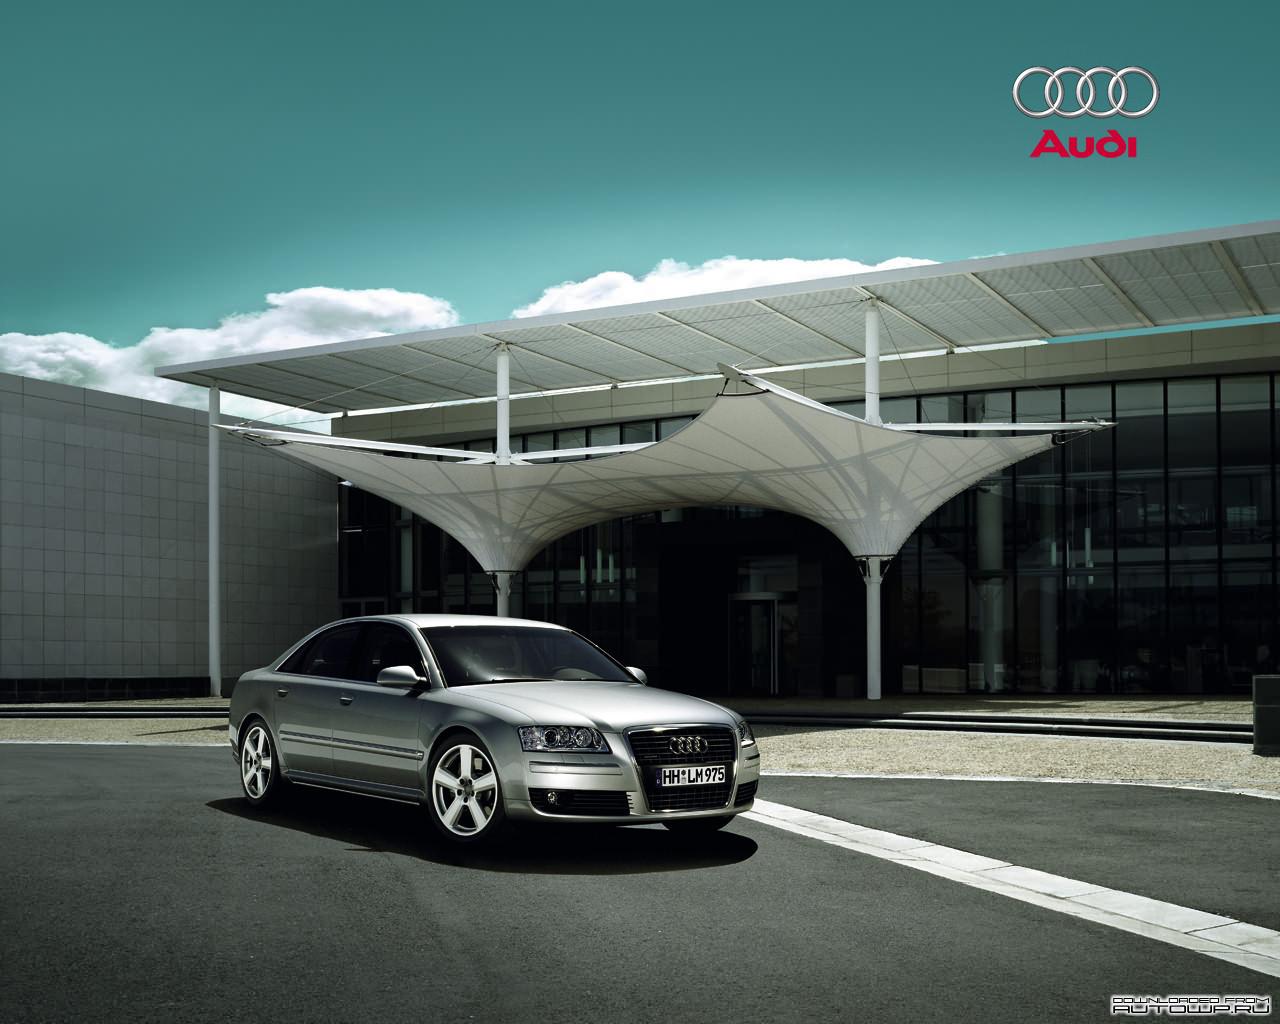 13748 скачать обои Транспорт, Машины, Ауди (Audi) - заставки и картинки бесплатно